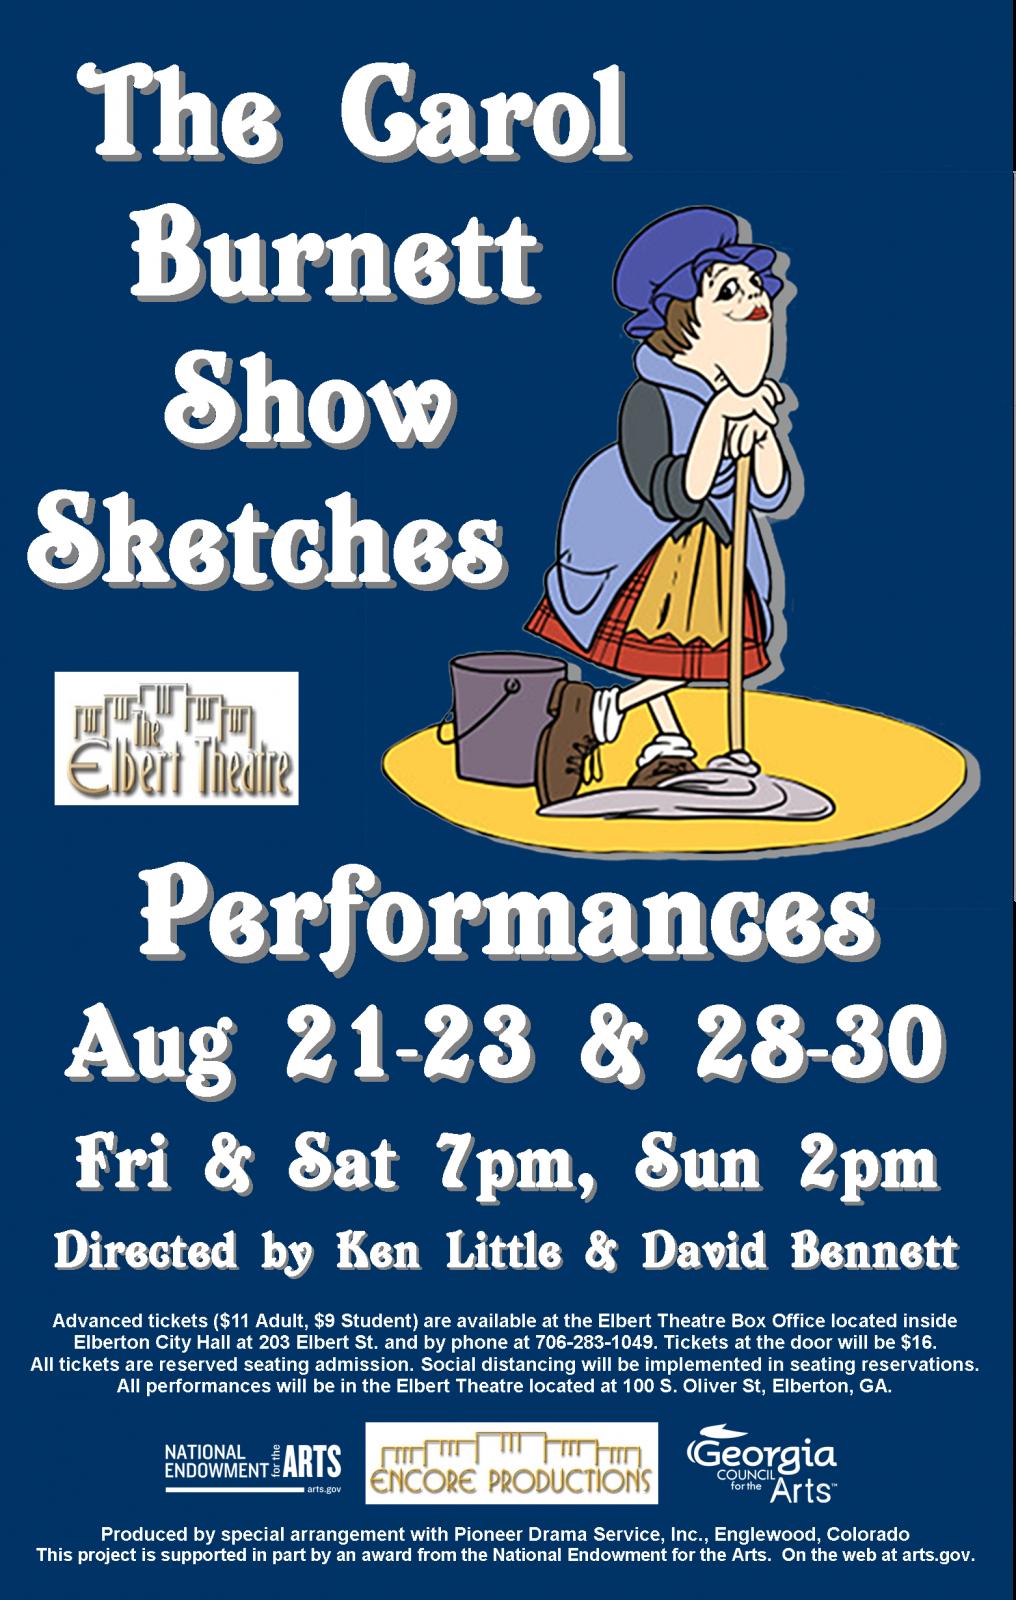 The Carol Burnett Show Sketches